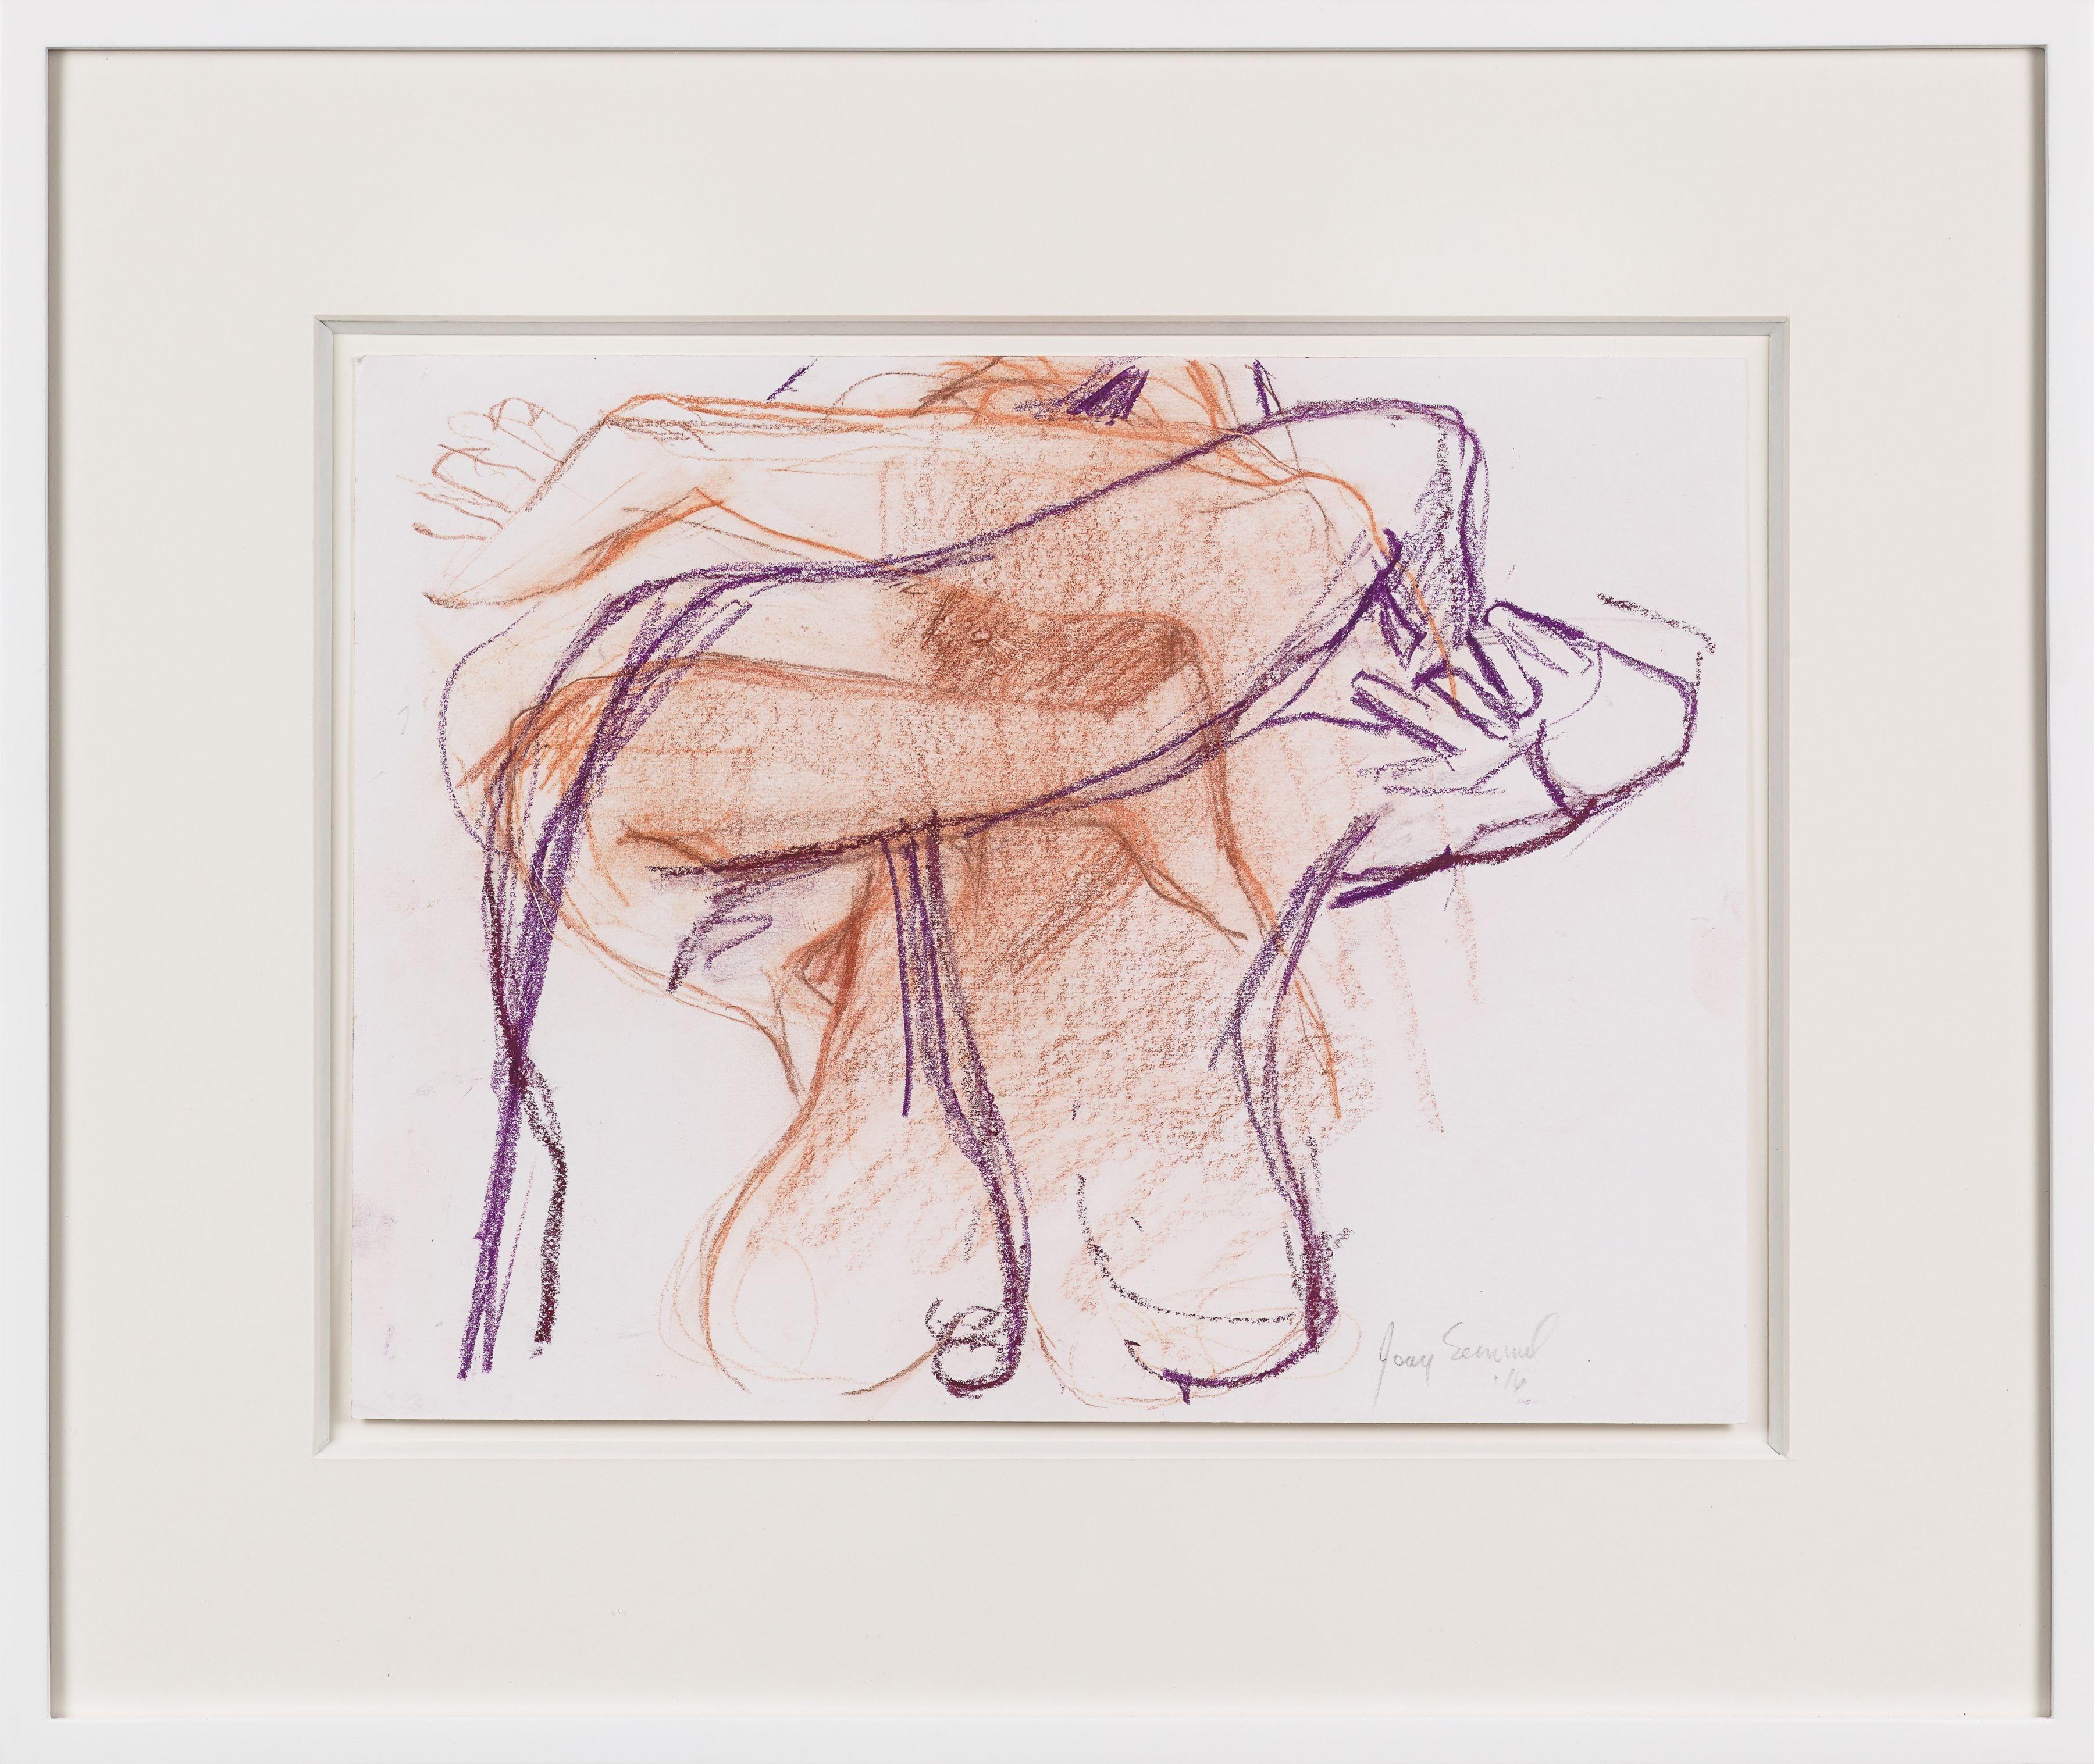 Joan Semmel, Untitled, 2016